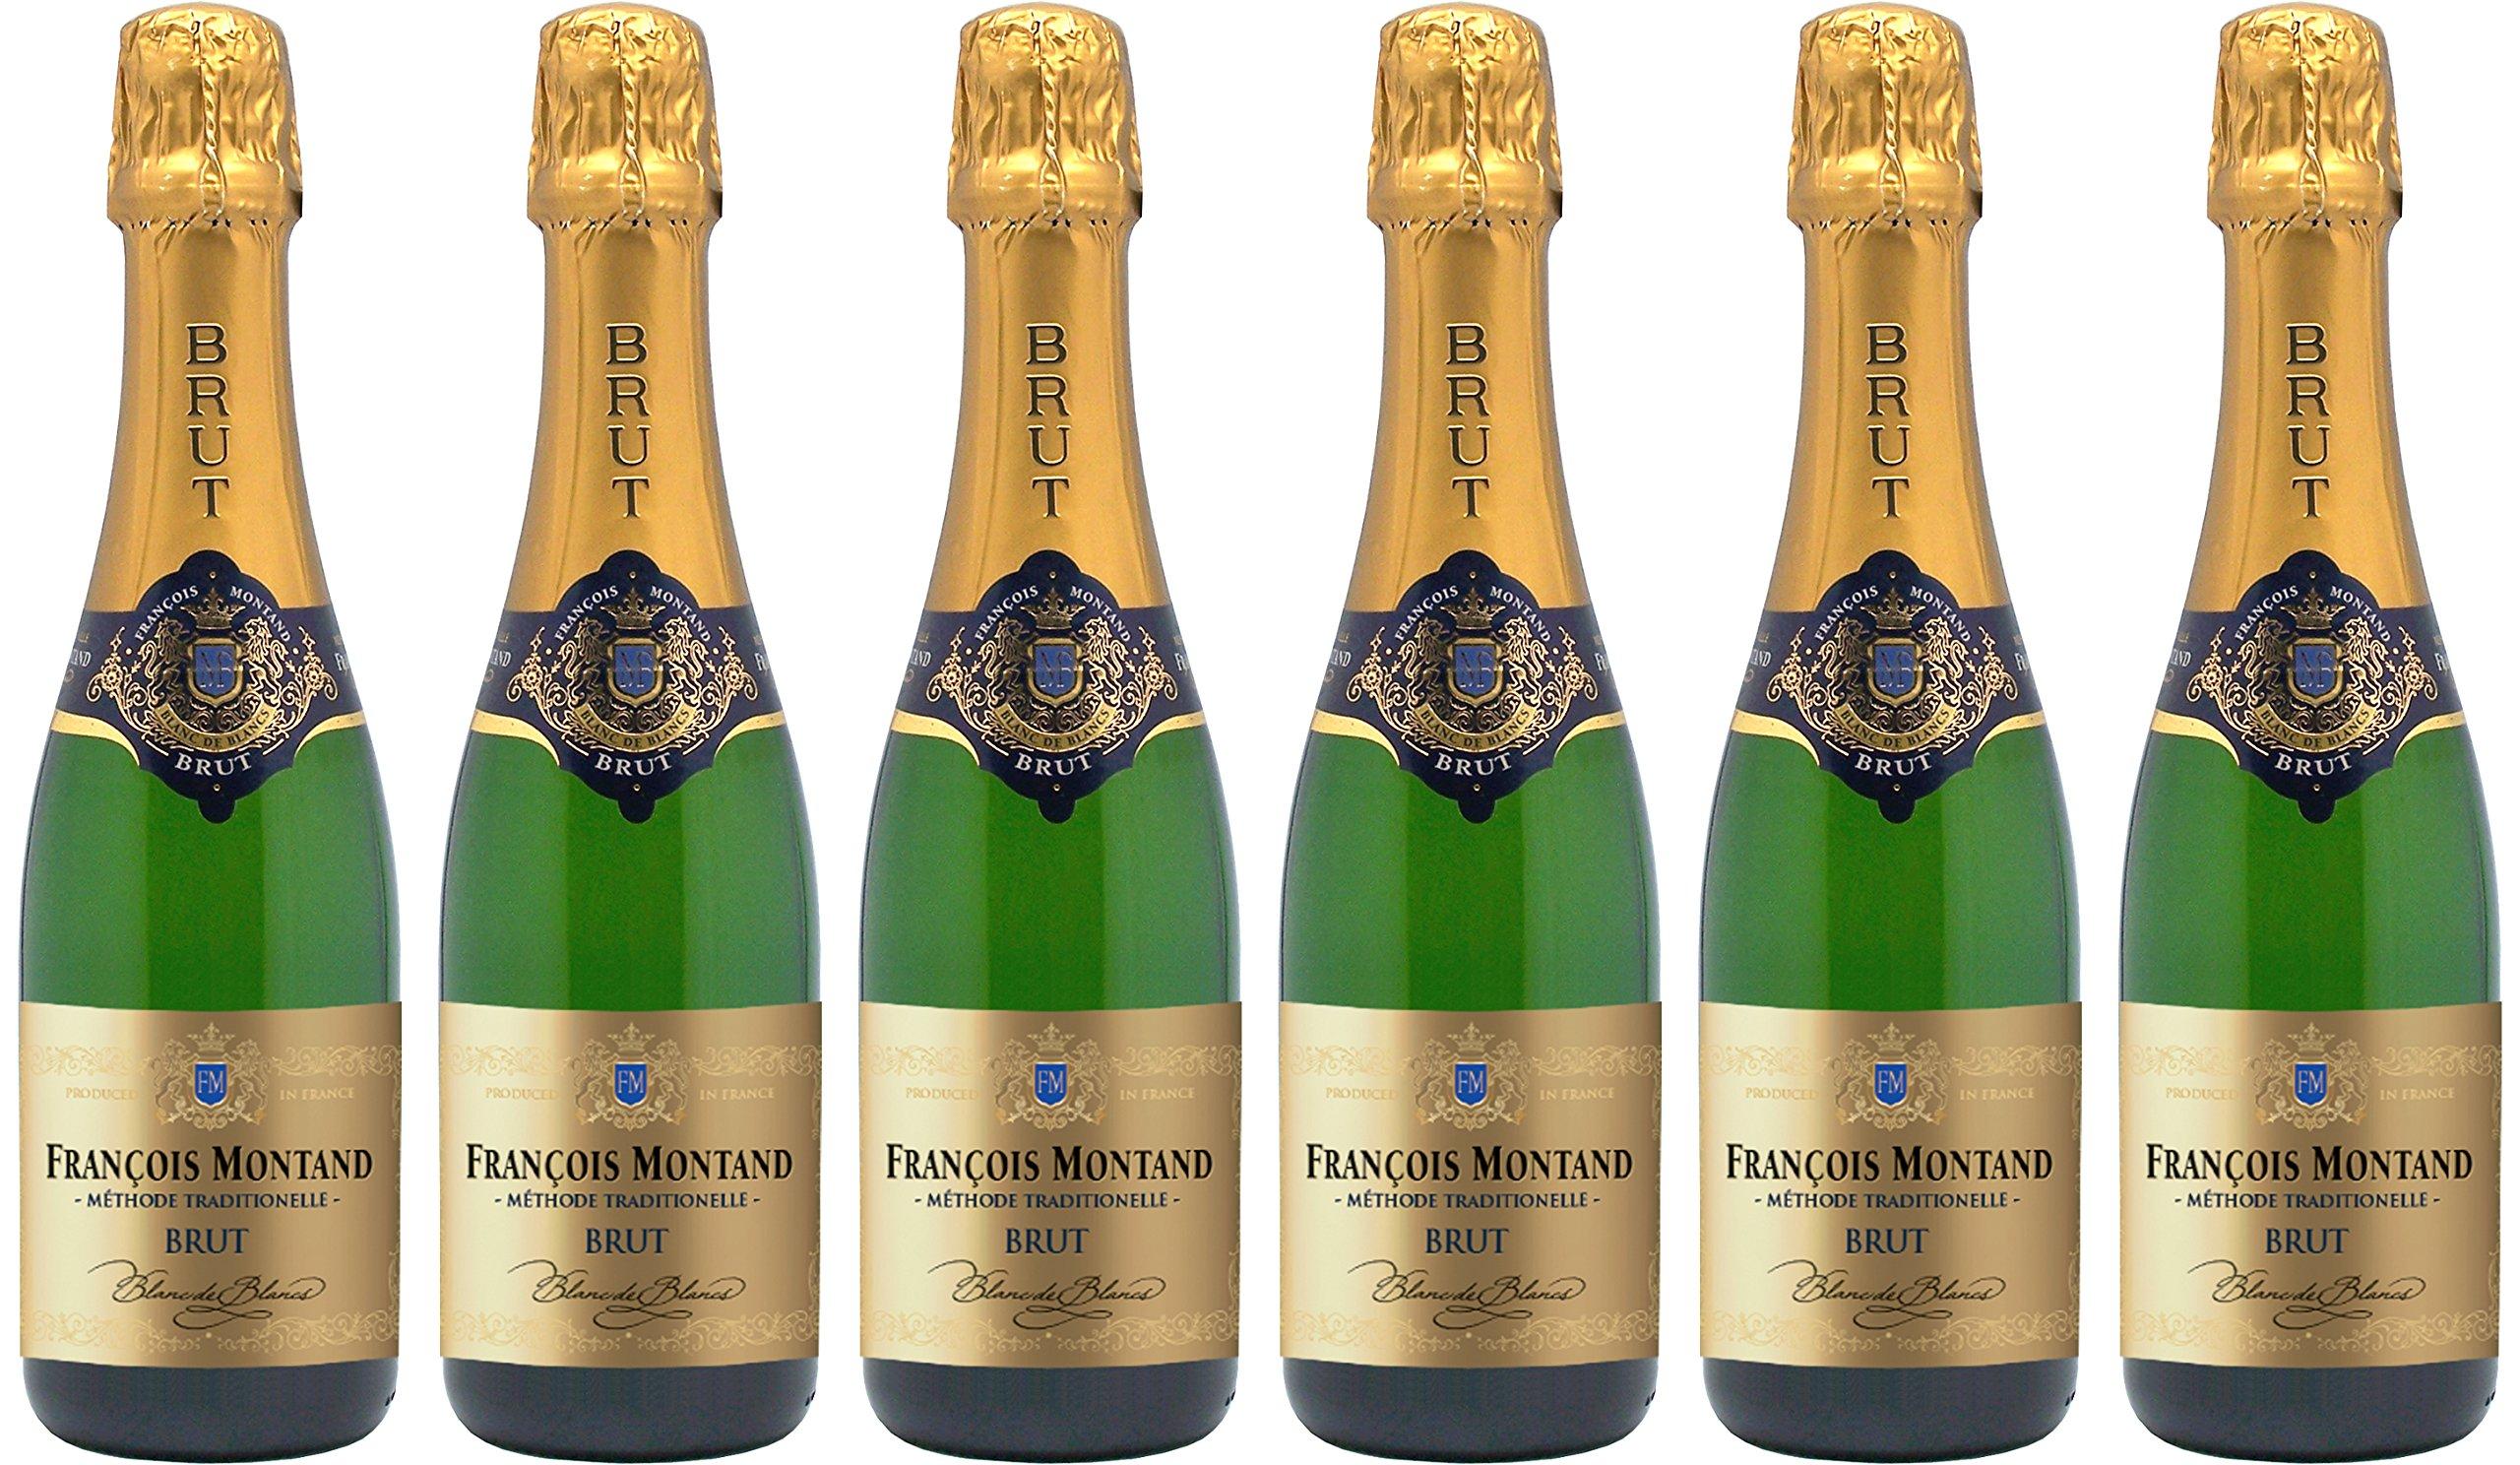 Franois-Montant-Mthode-Traditionnelle-6-x-0375-l